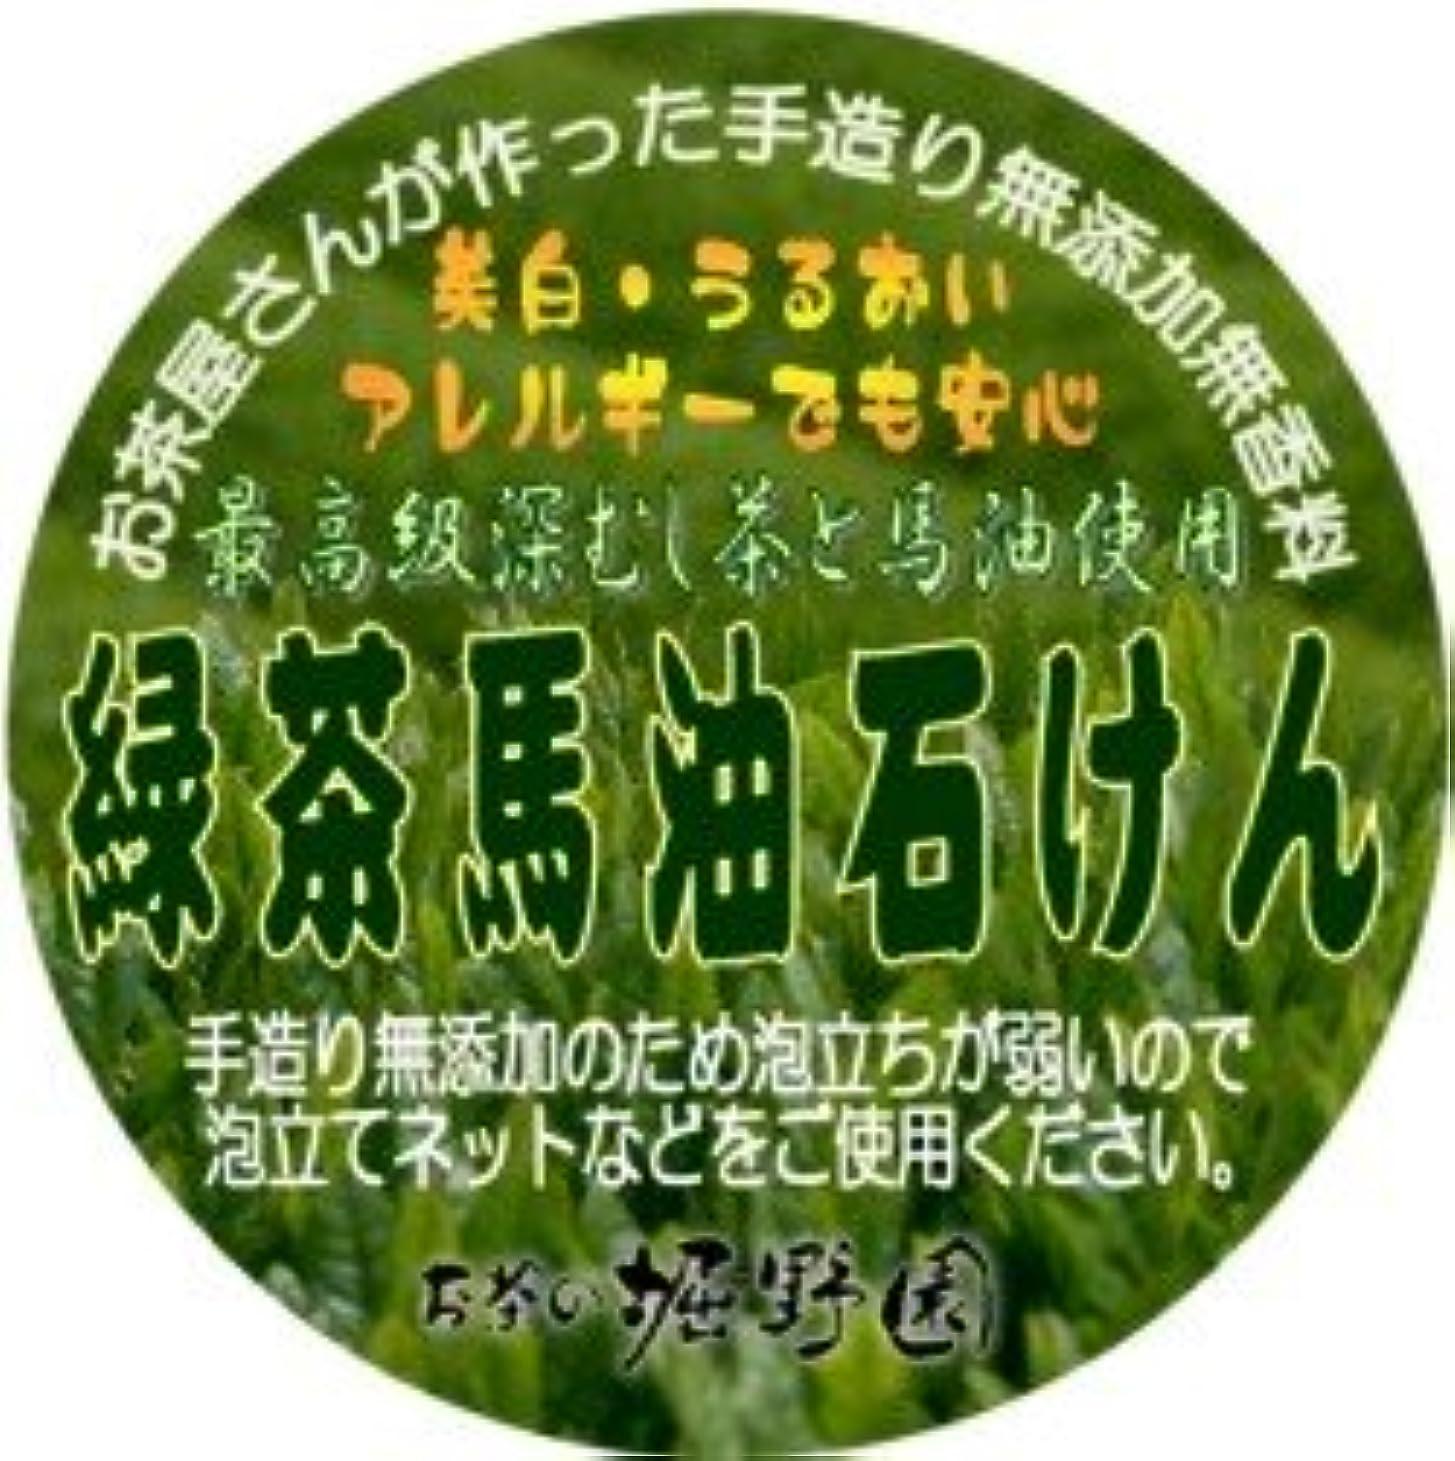 壁紙指紋ナンセンス無添加無着色 緑茶馬油石けん(アトピー?弱肌の方のご愛用が非常に多い商品です)